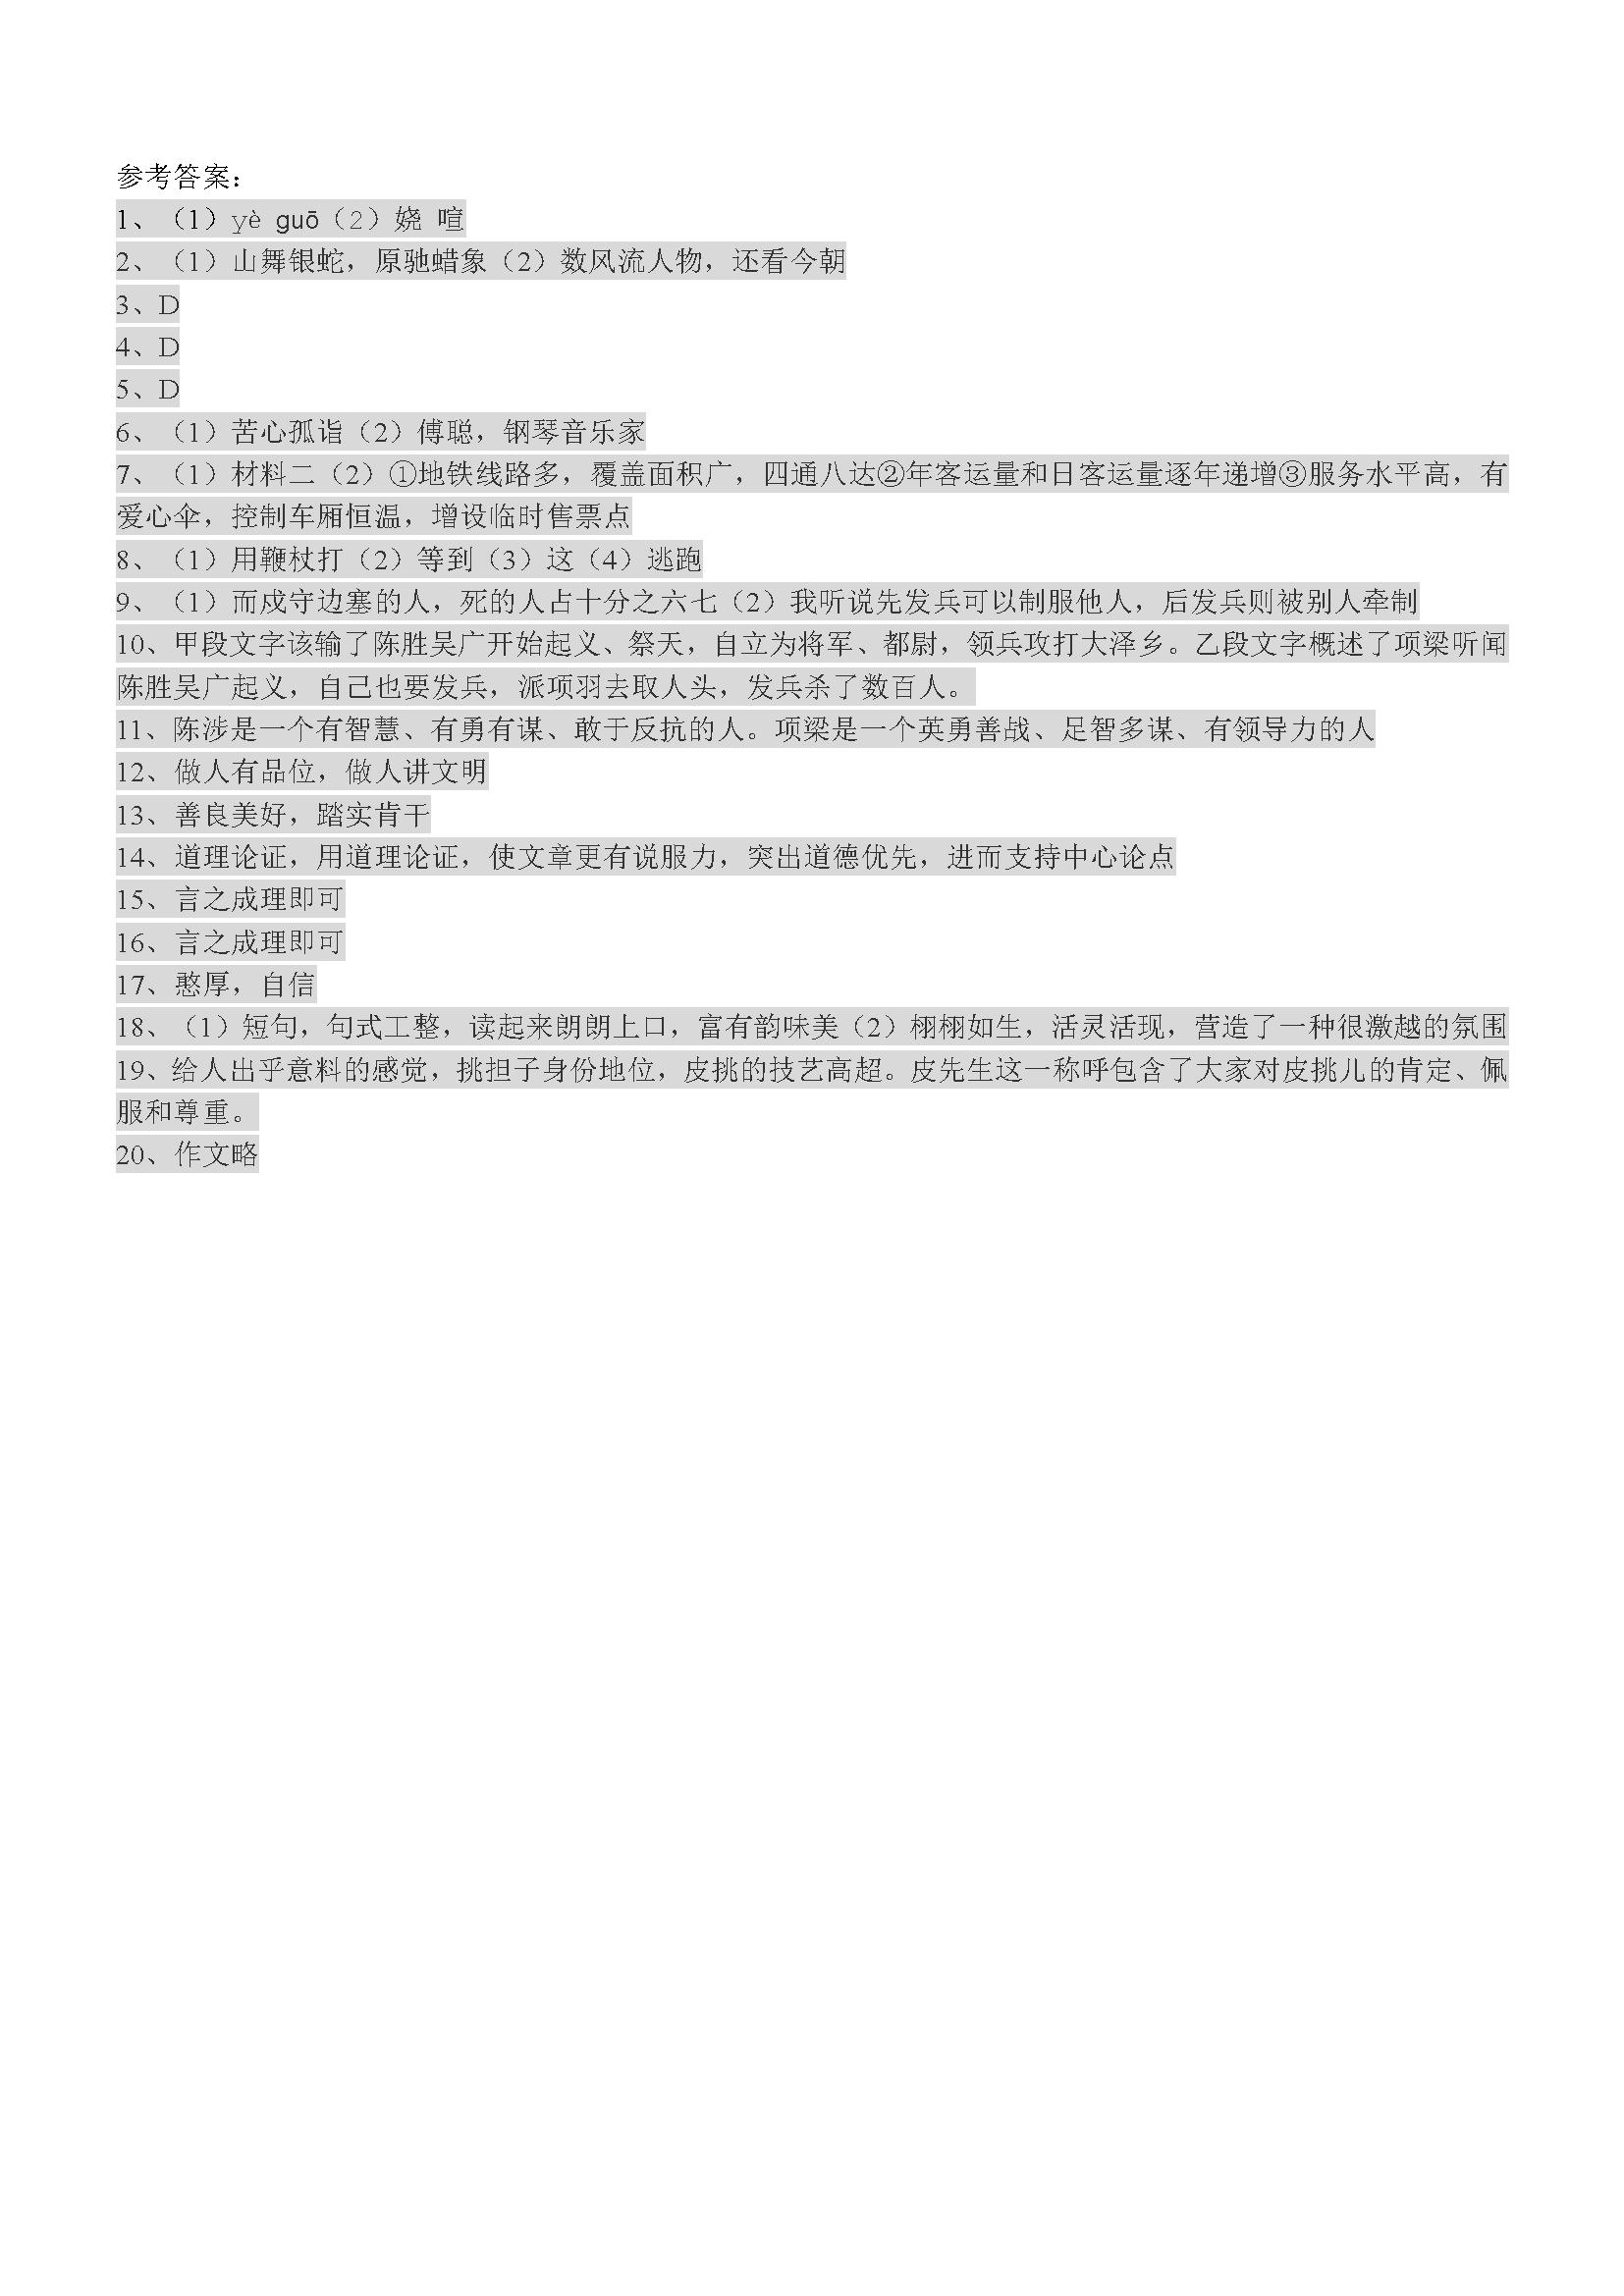 北京顺义国际学校2017-2018九年级第一学期第一次月考语文试卷答案(Word版)